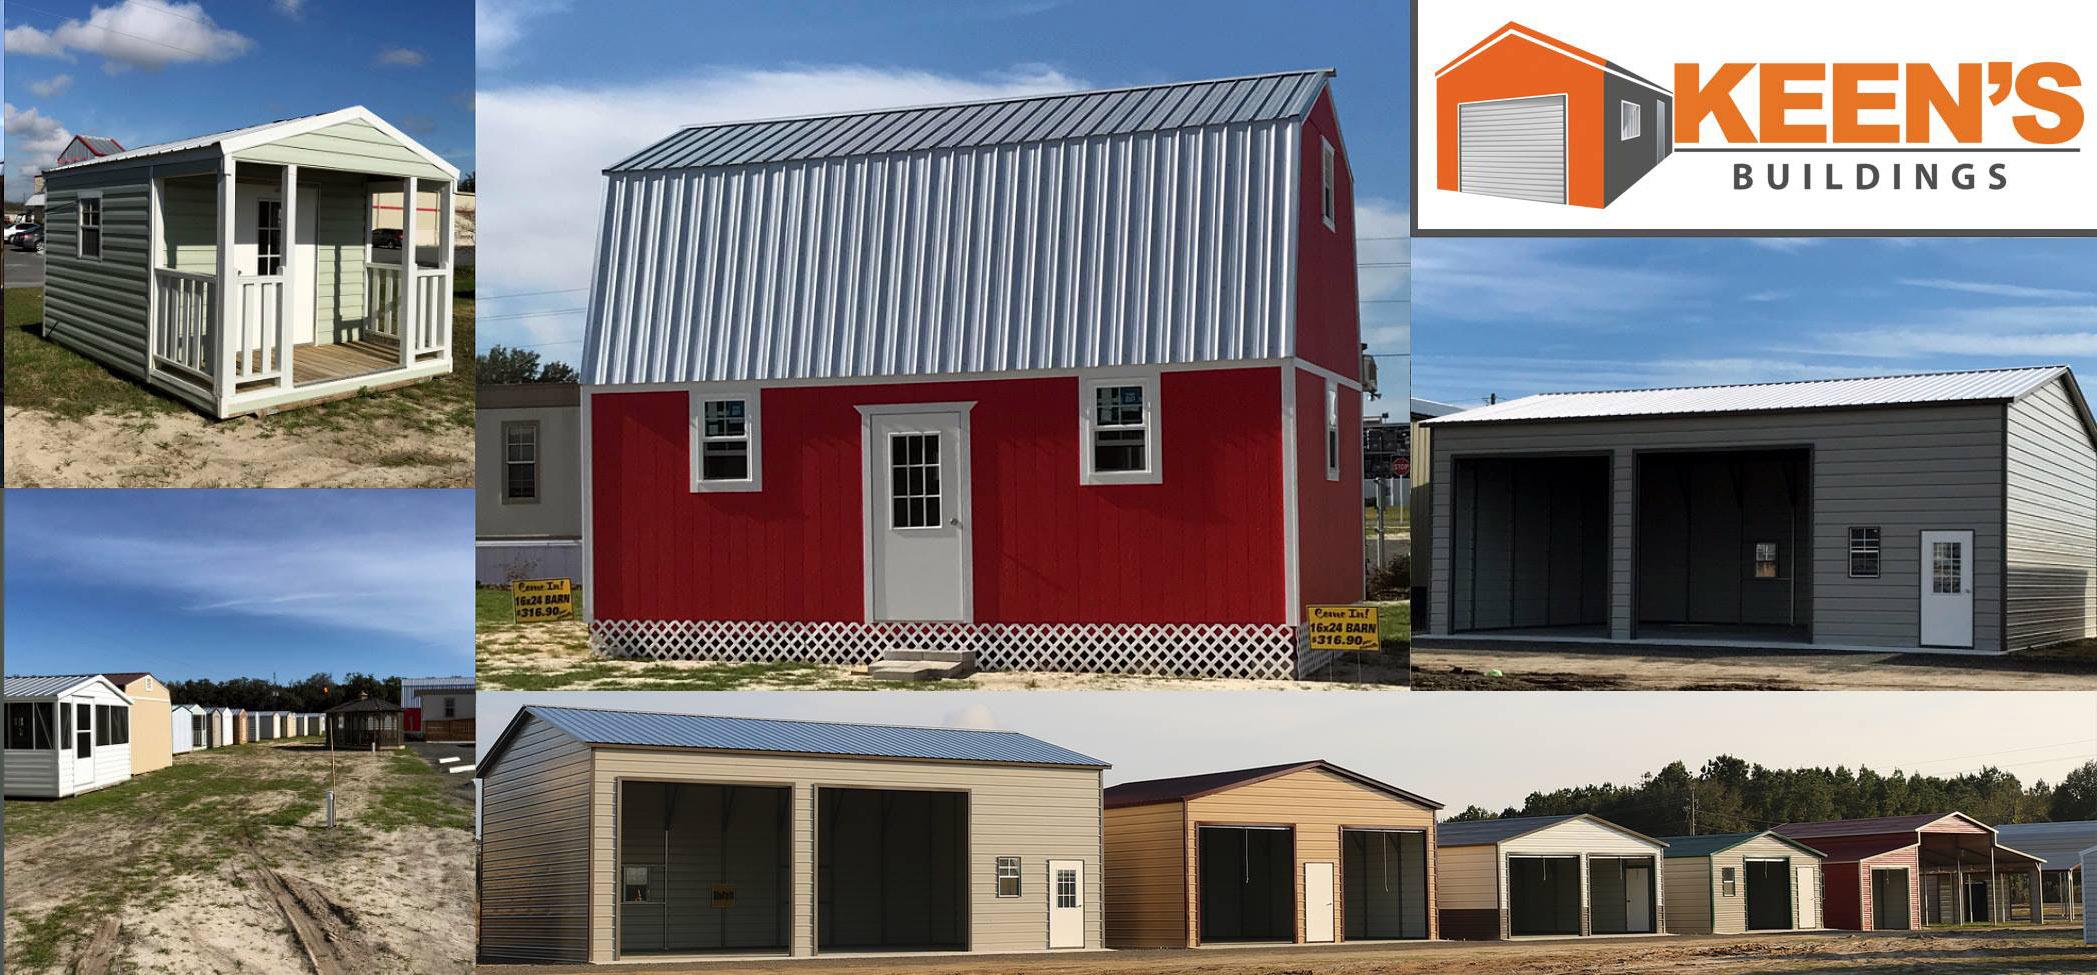 Keens-Buildings-General-Photo-Florida-Storage-Shed-or-Building-from-Keens-Buildings